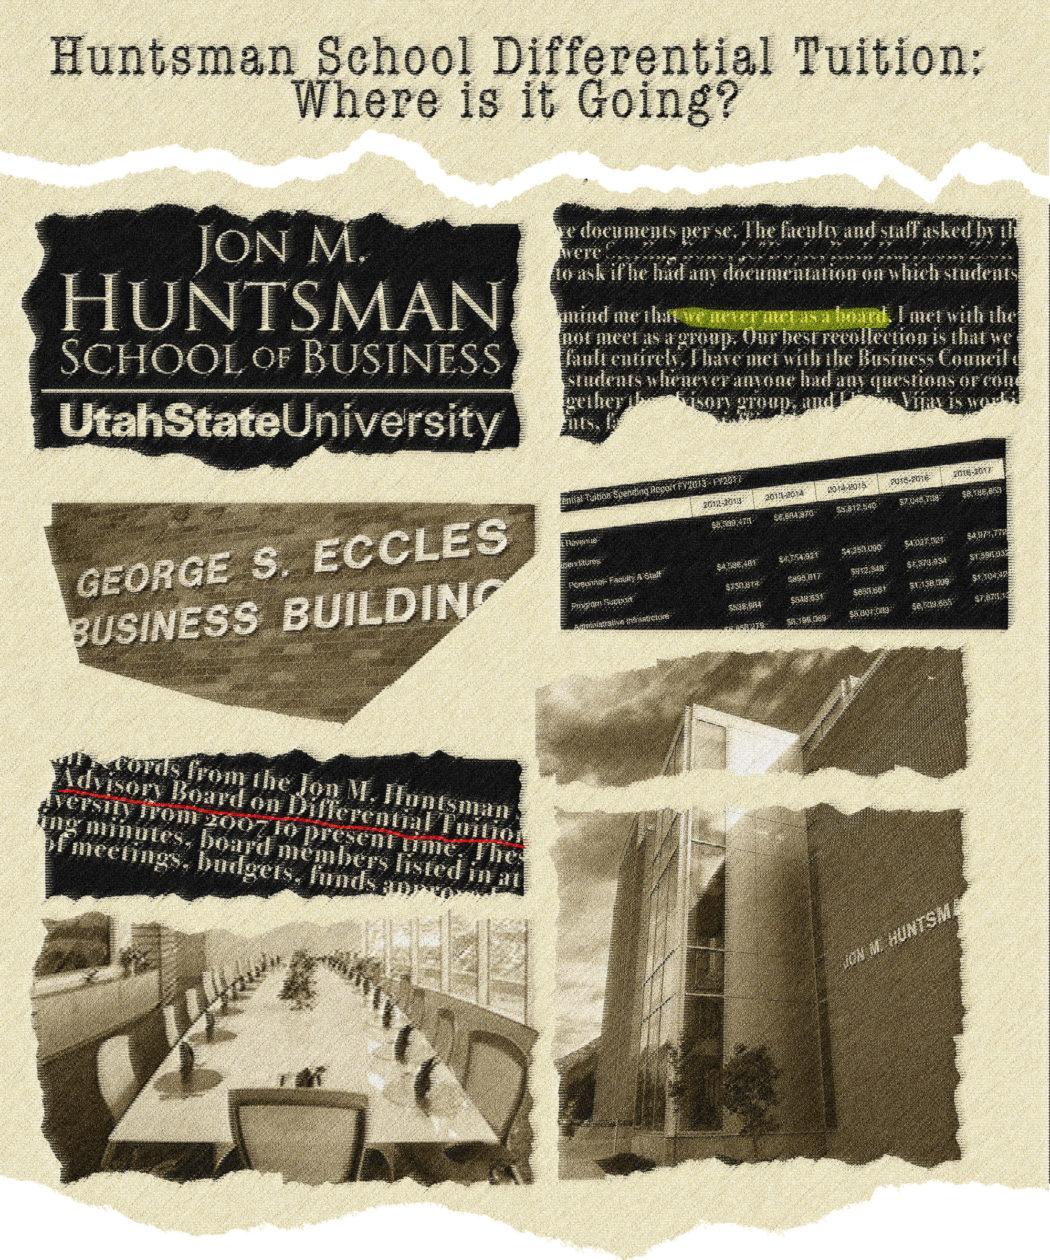 犹他州立大学学生报《犹他州政治家》的头条标题:亨斯迈商学院把差别学费花在哪里去?